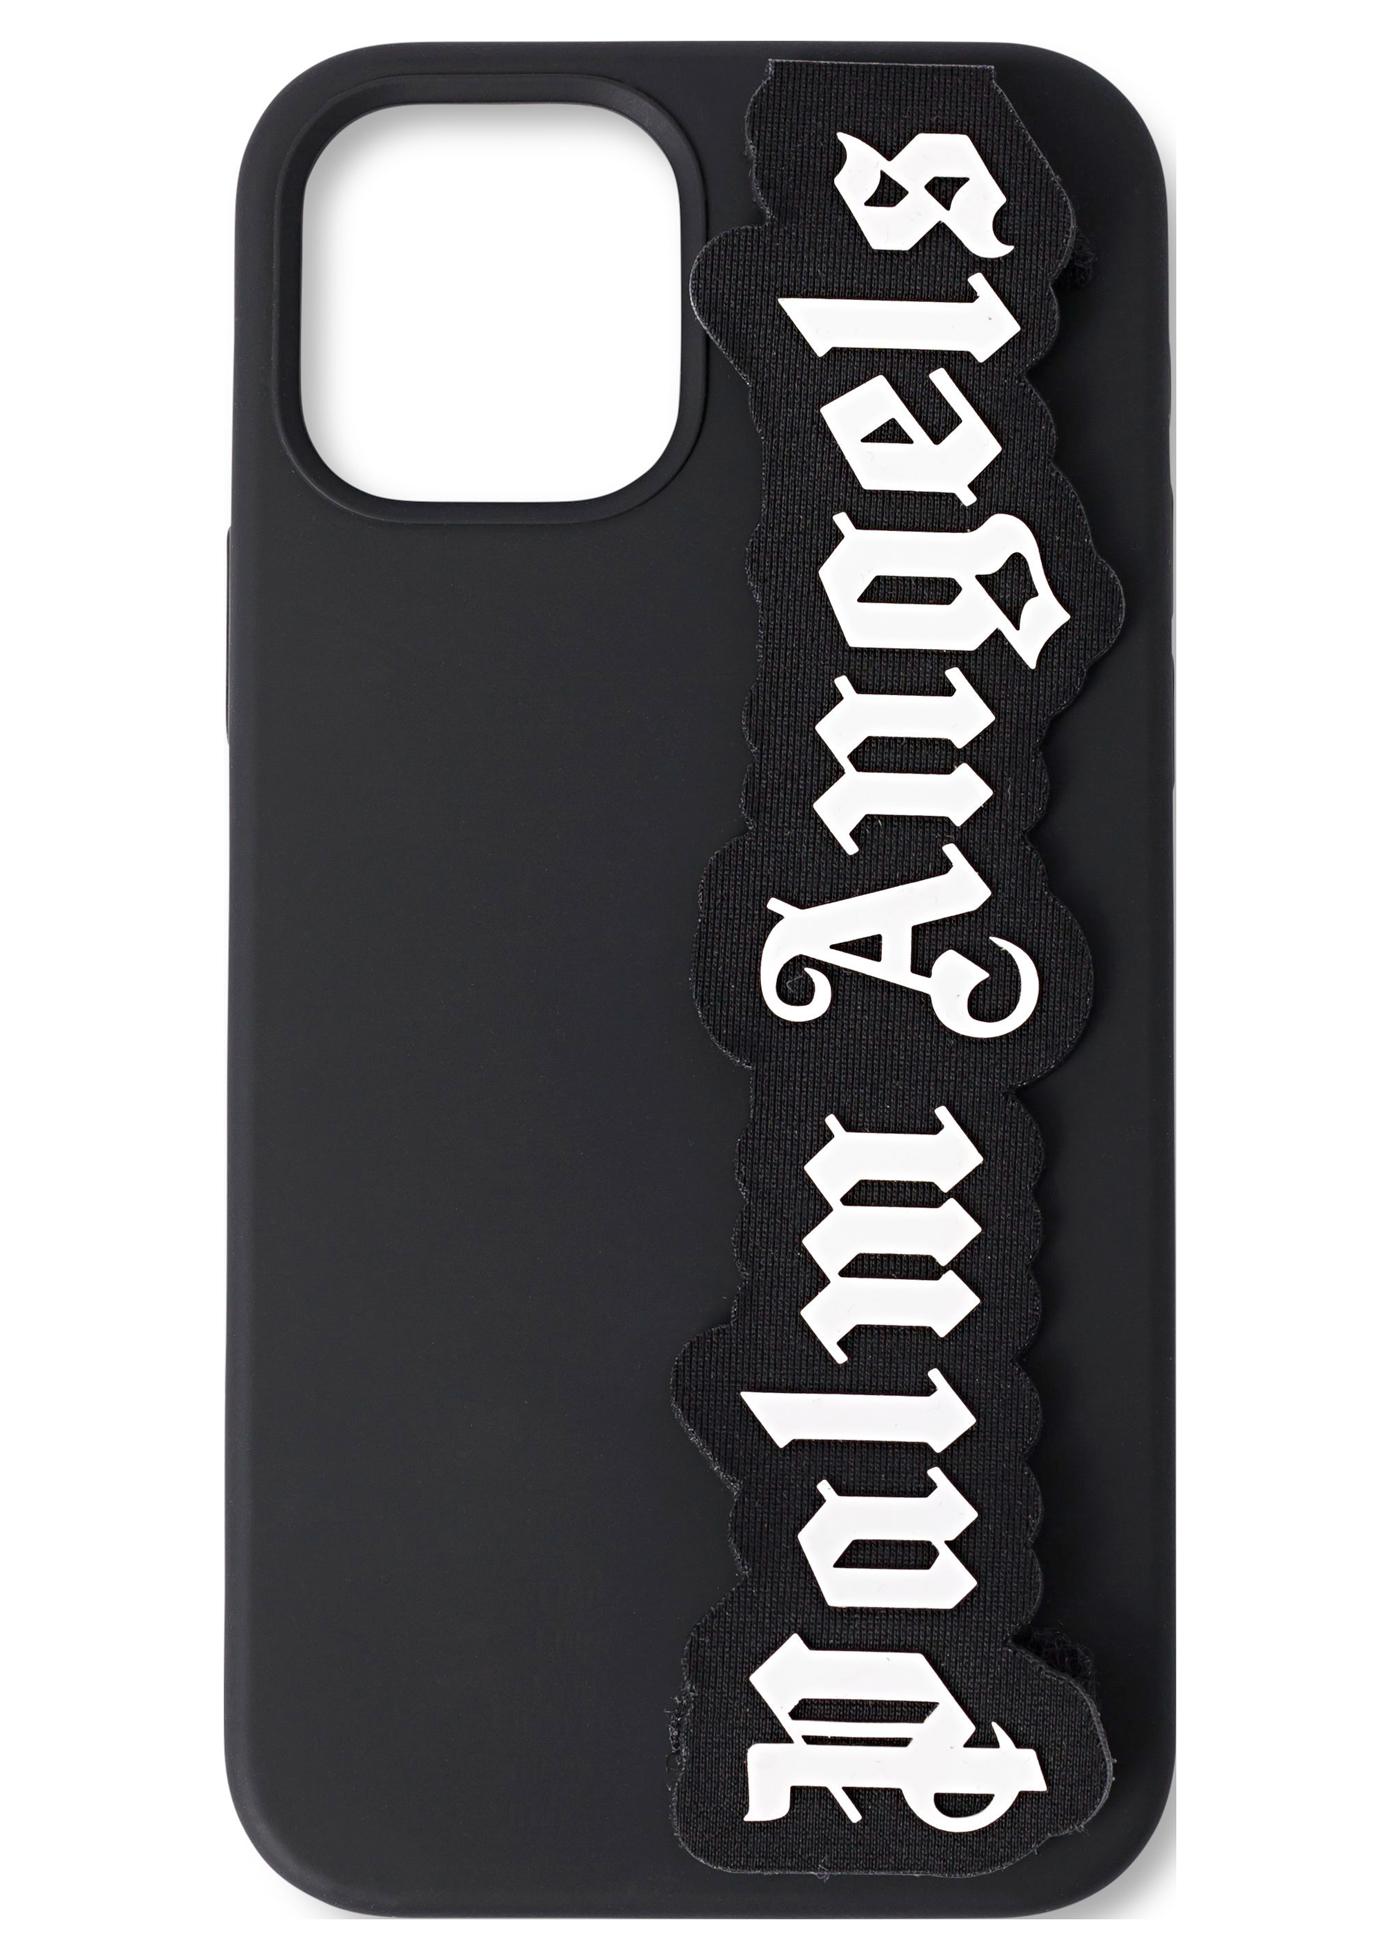 LOGO IPHONE CASE 12 /12 PRO BLACK WHITE image number 0